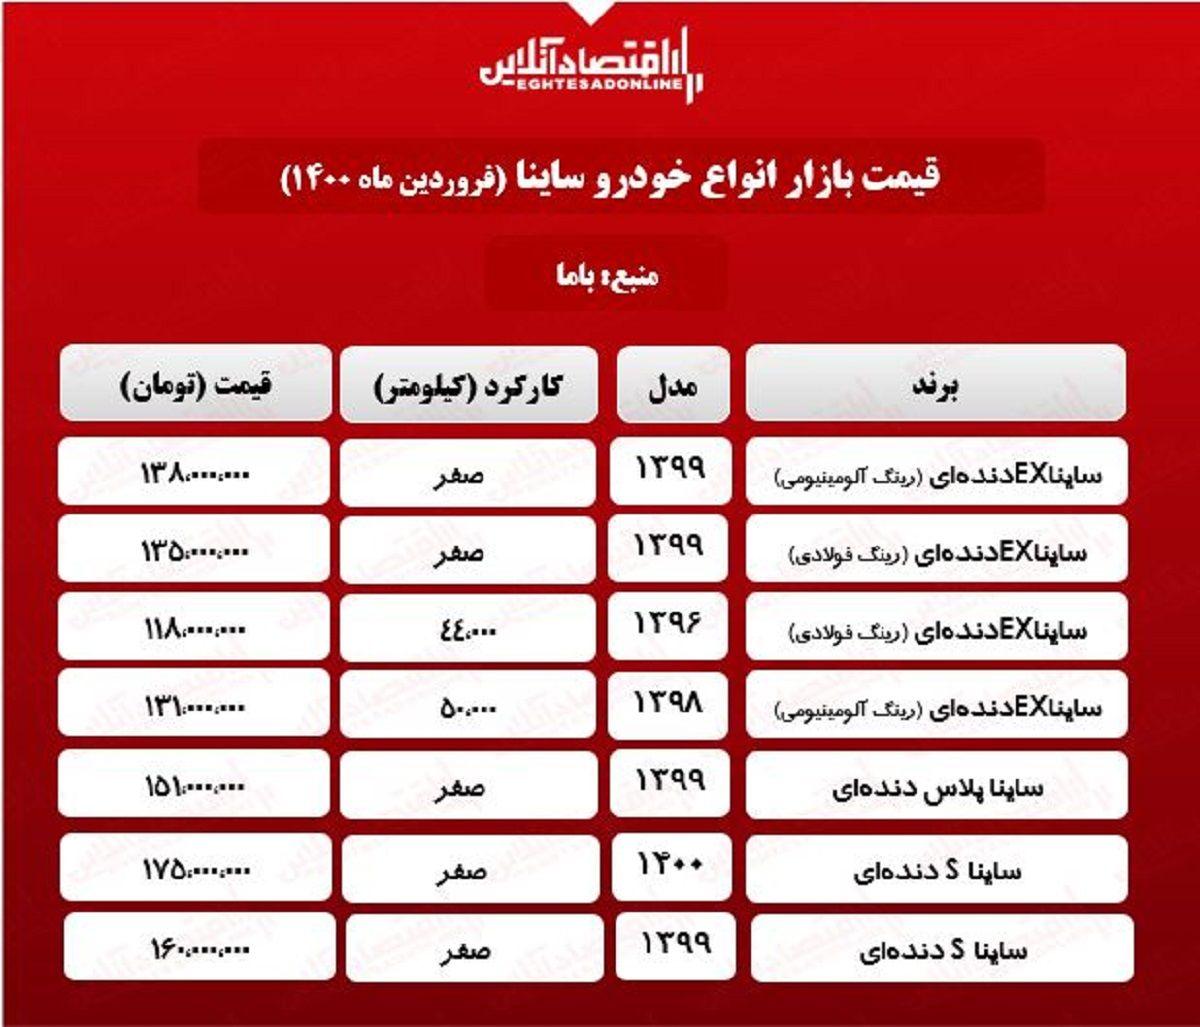 قیمت جدید ساینا در تهران + جدول